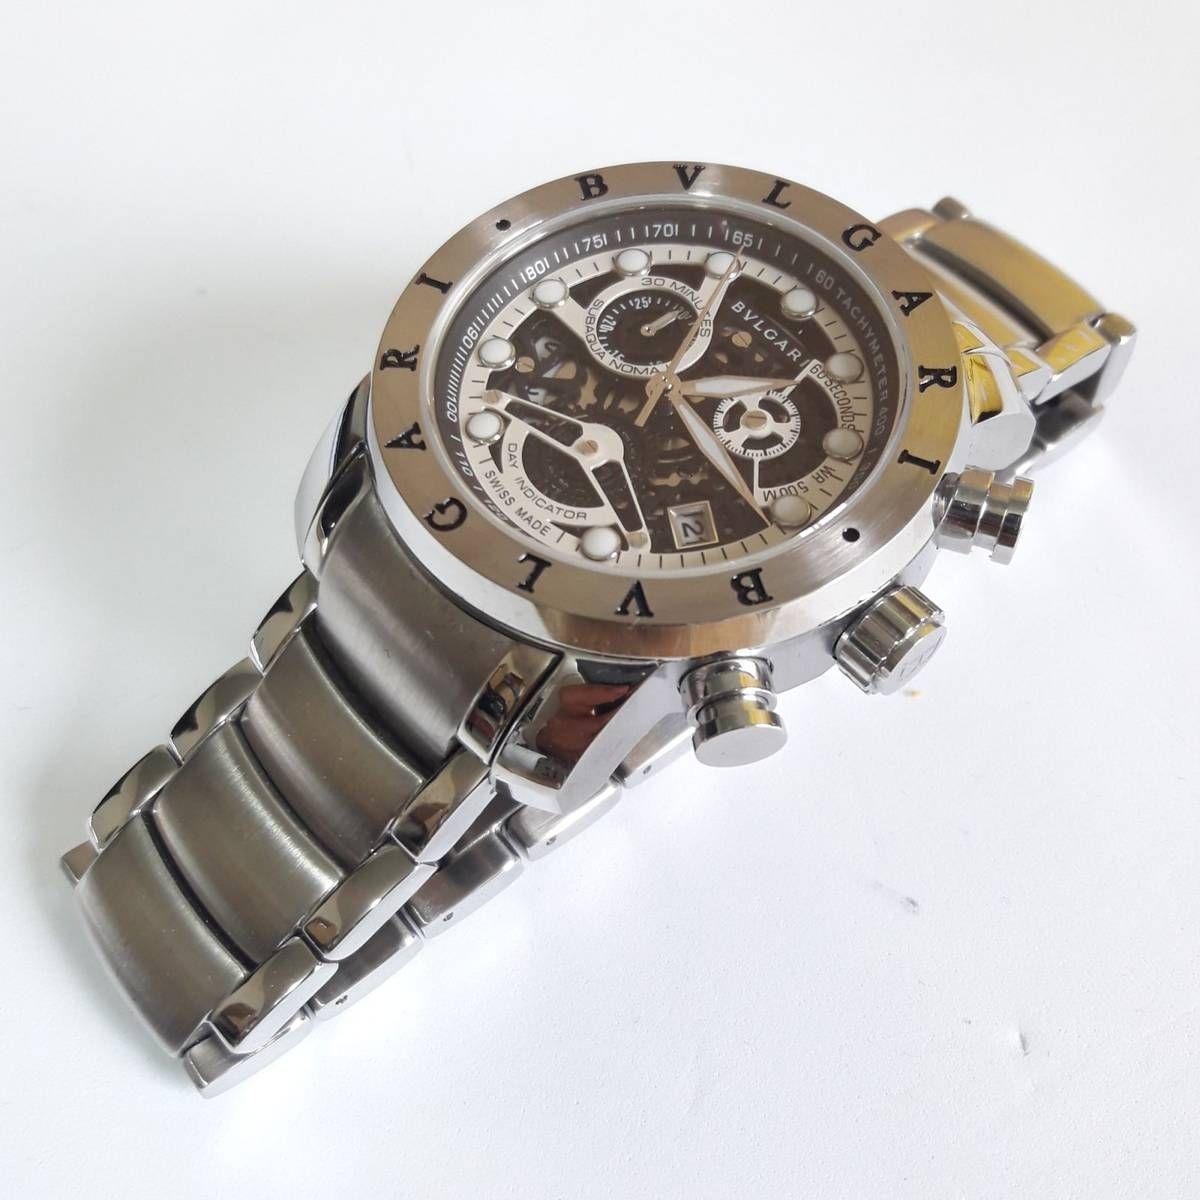 0c776485017 Relógio Bvlgari Subaqua Skeleton Prata com Preto!!!!